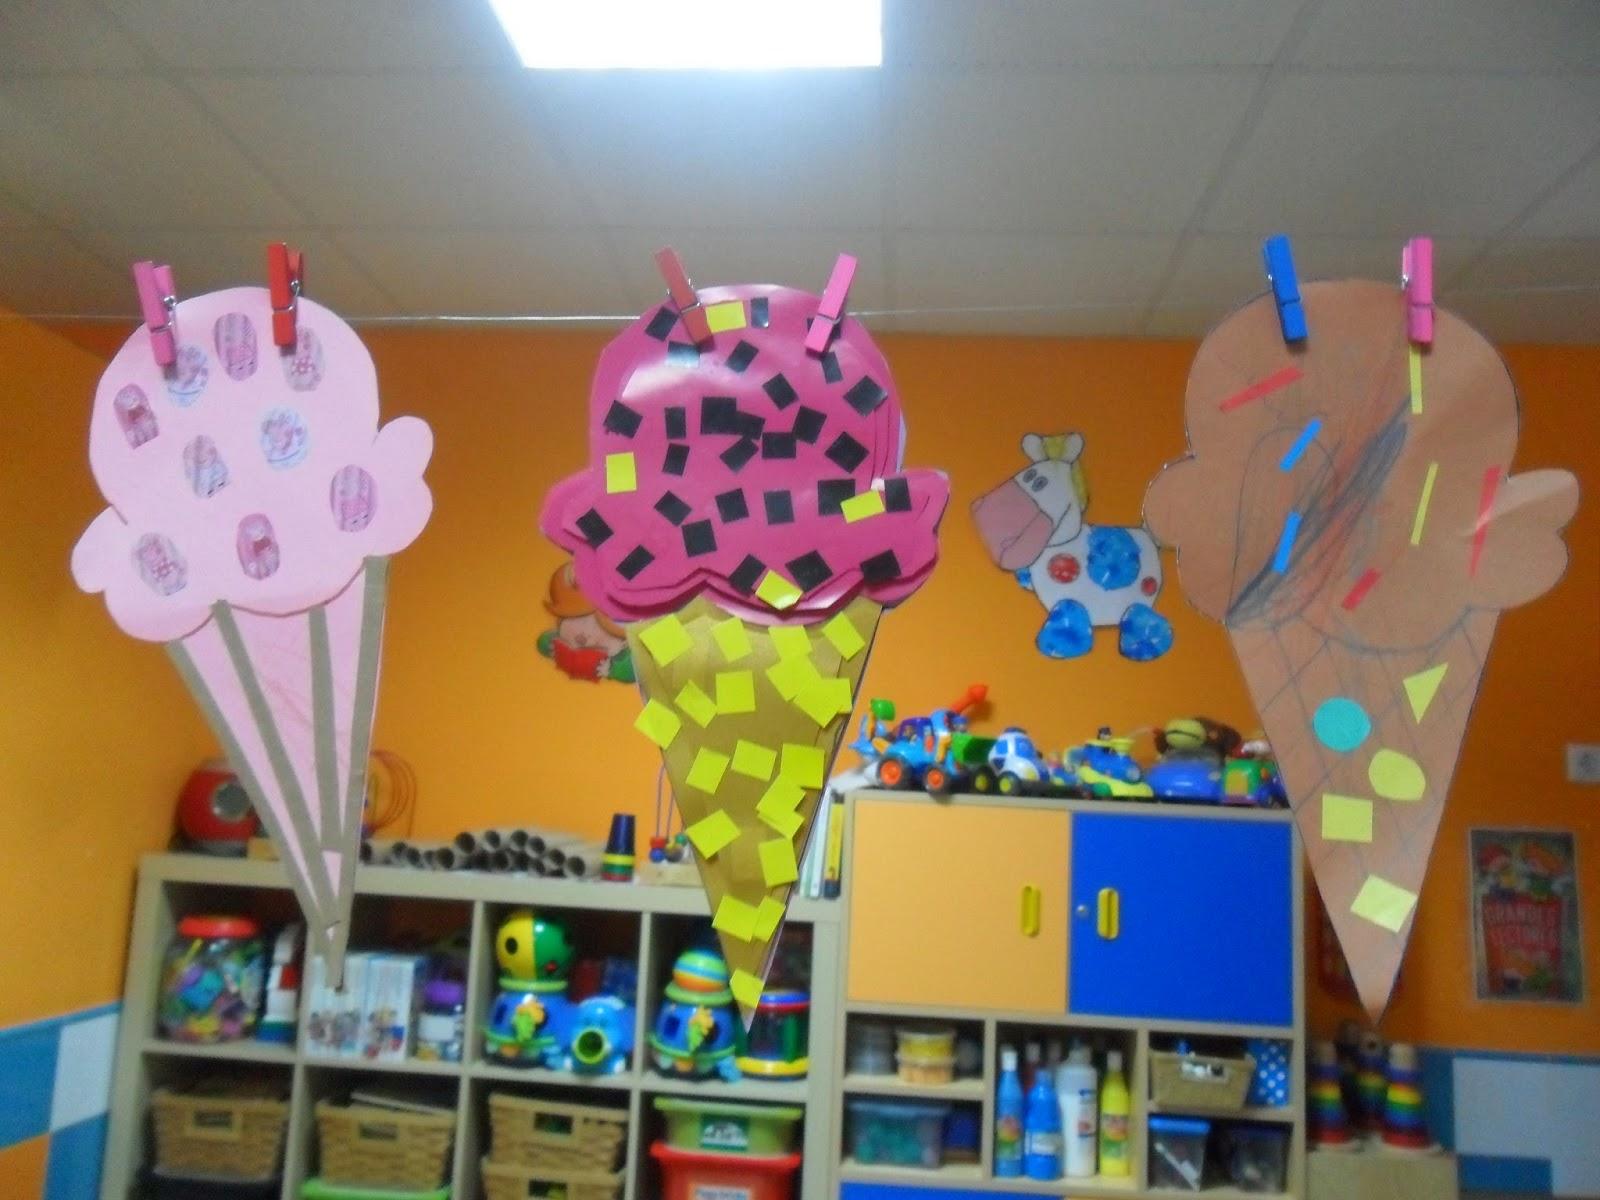 Materiales para educaci n infantil verano verano for Decoracion verano para jardin infantil